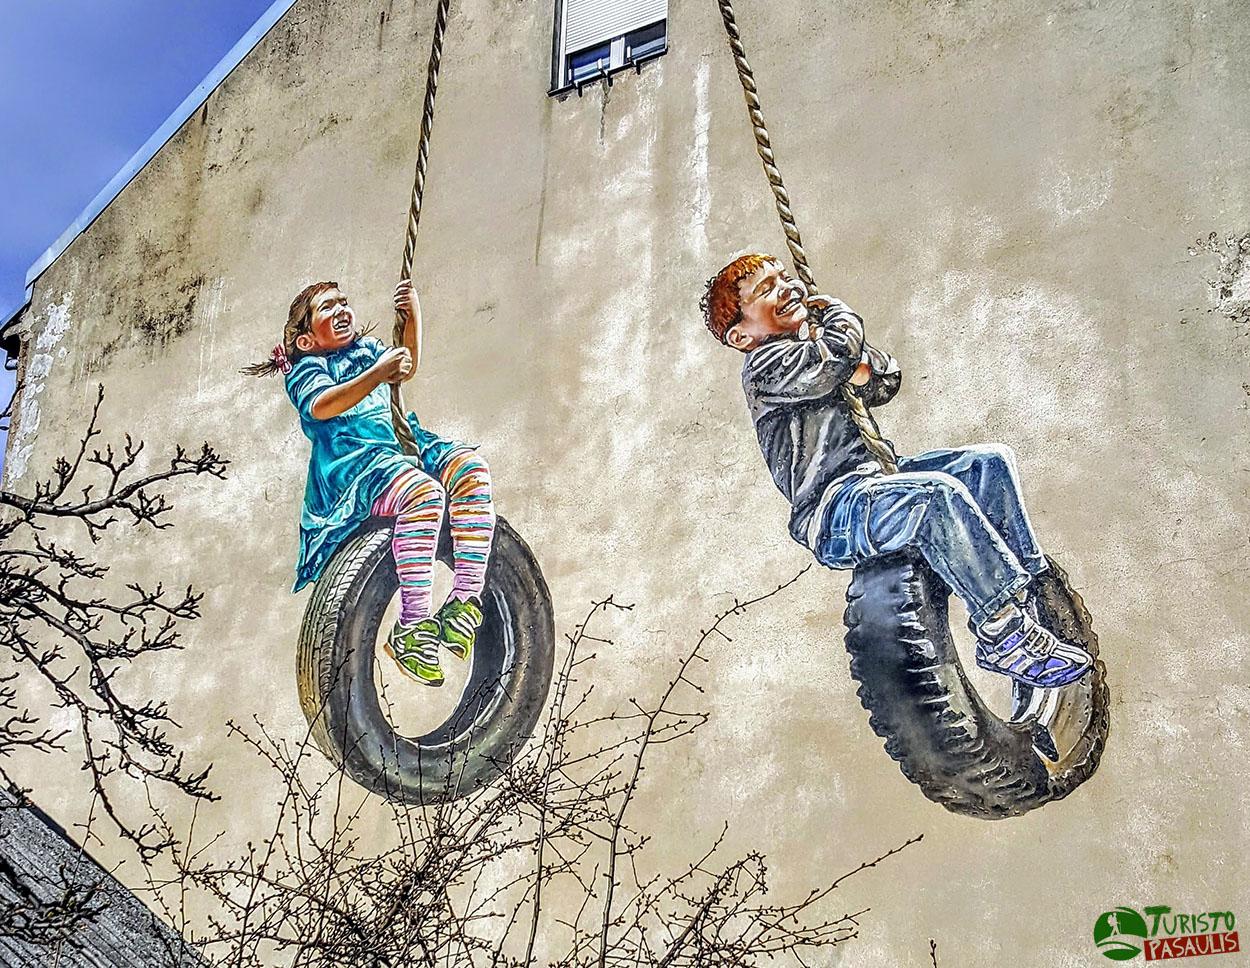 Kaunas graffiti Vaikai ant padangų